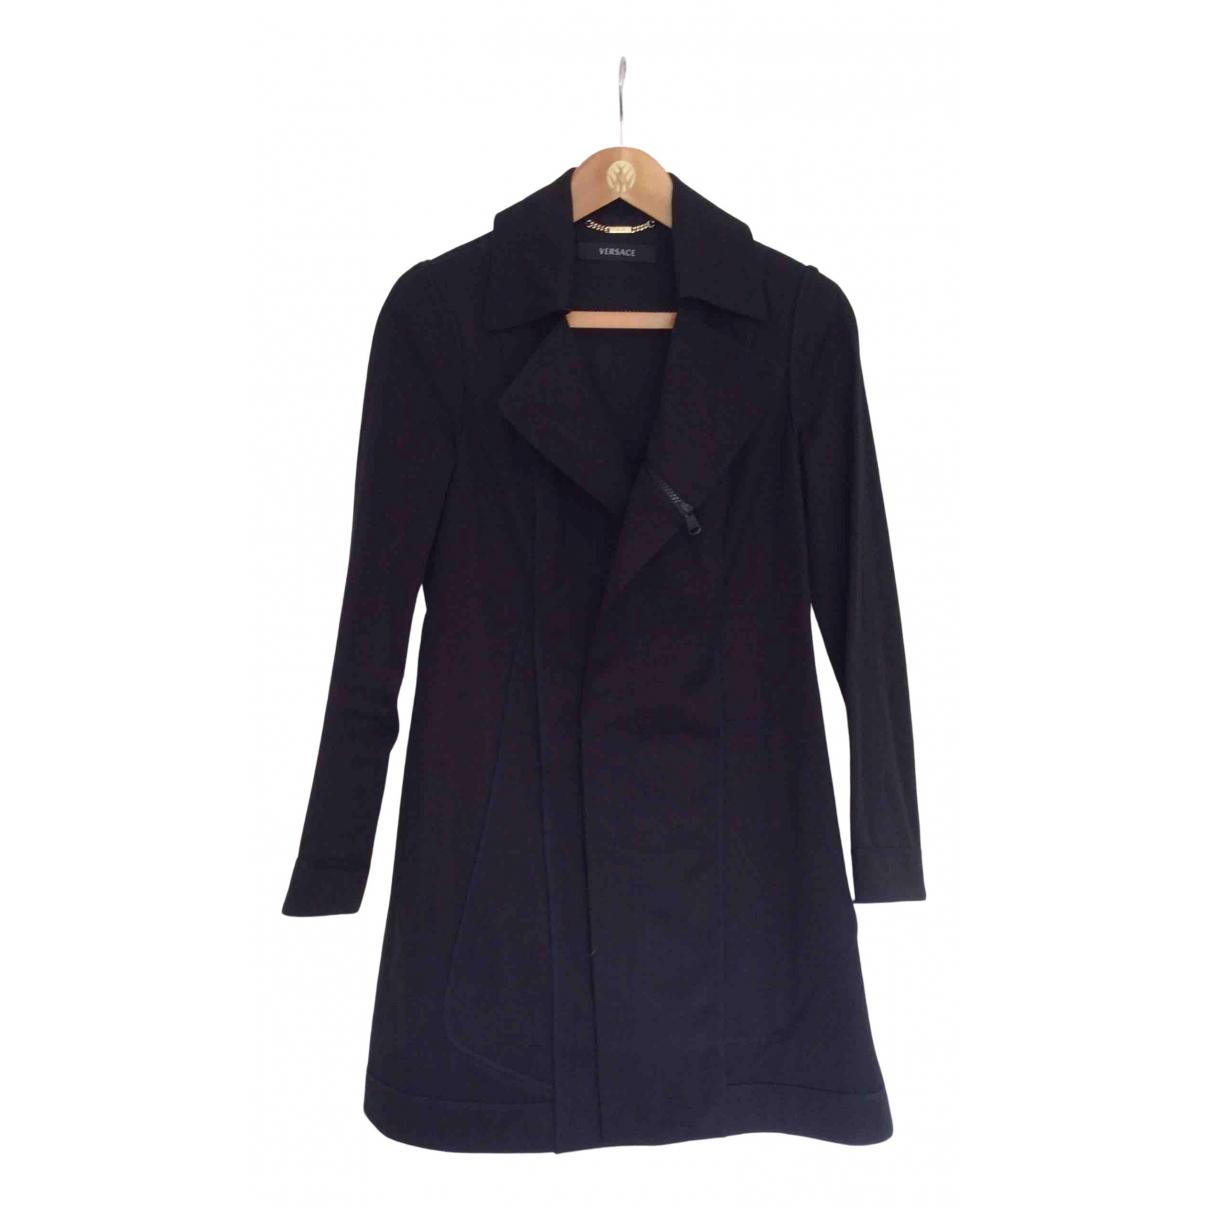 Versace - Manteau   pour femme en coton - noir